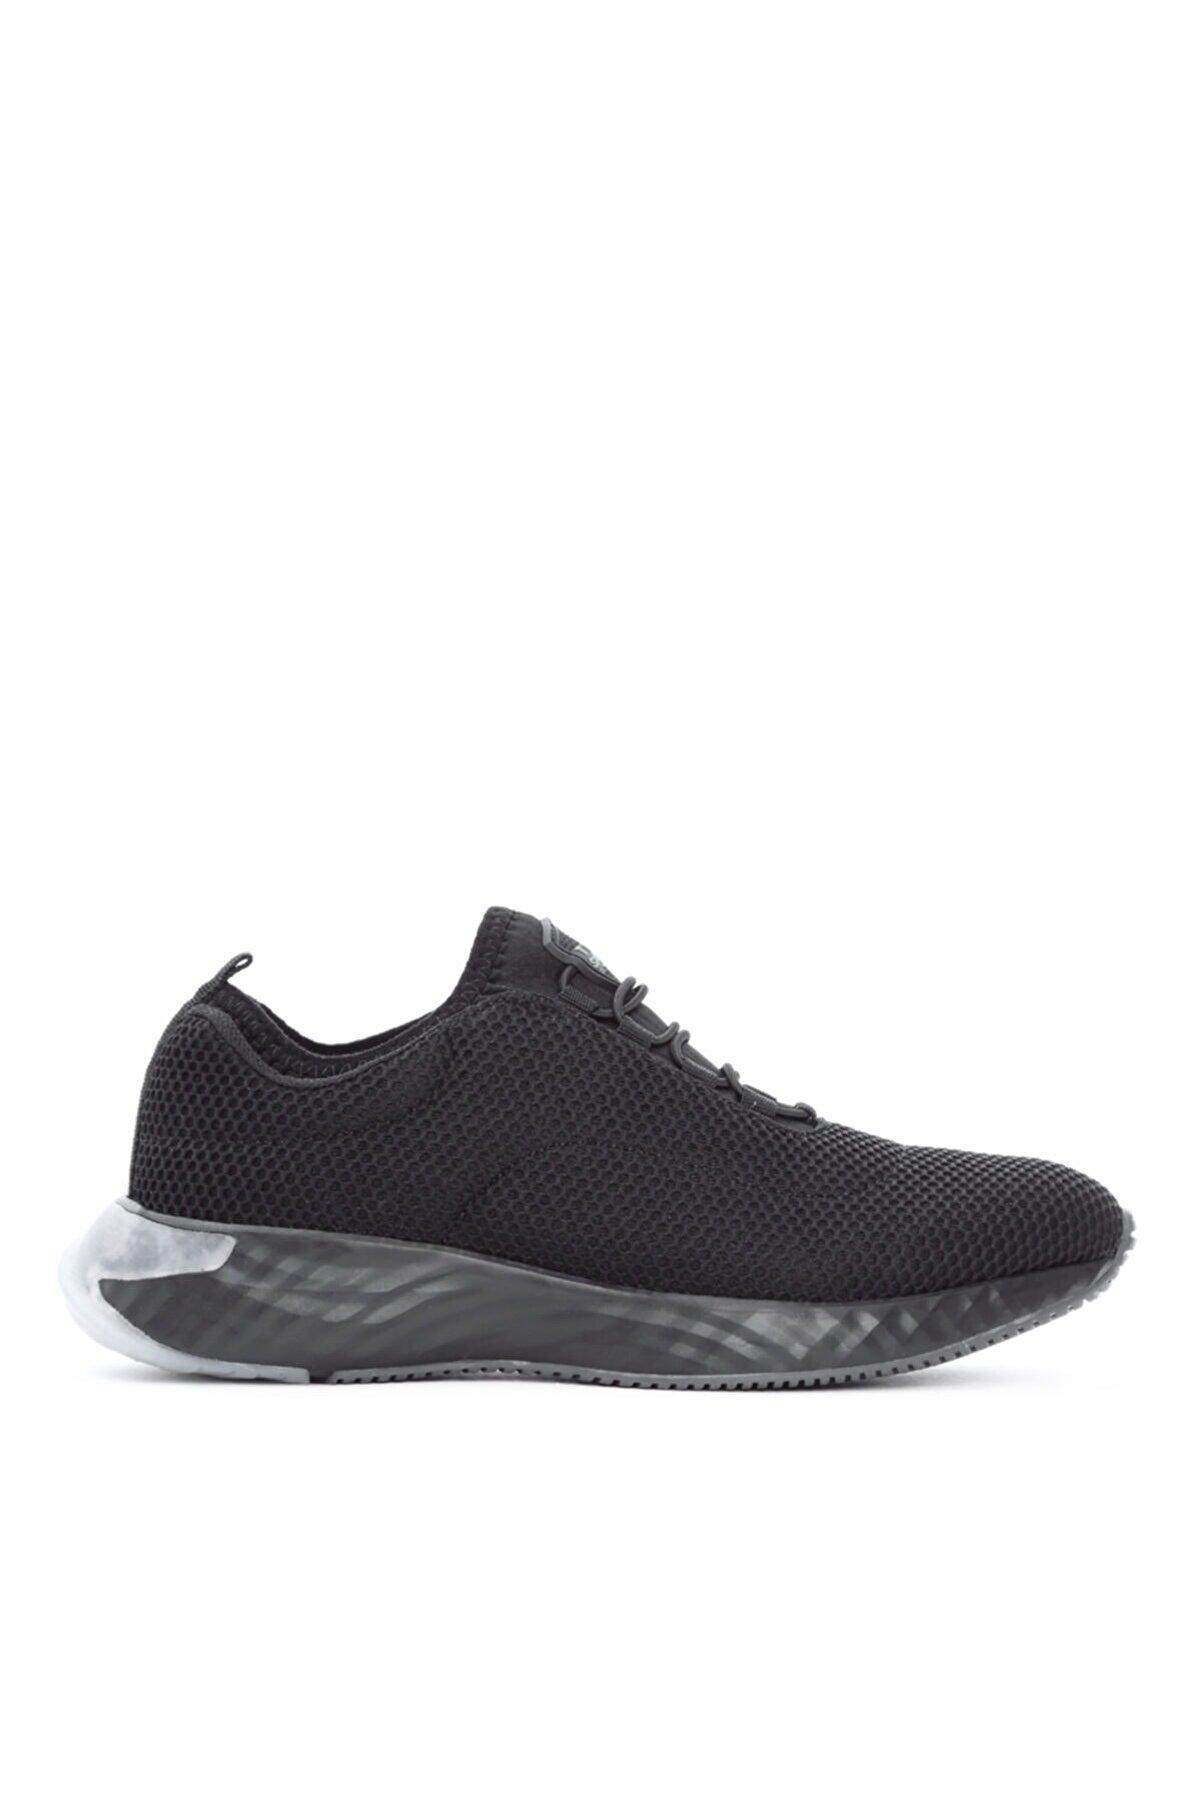 Kemal Tanca Erkek Siyah Tekstil Sneakers & Spor Ayakkabı 791 4006 Sk20-21